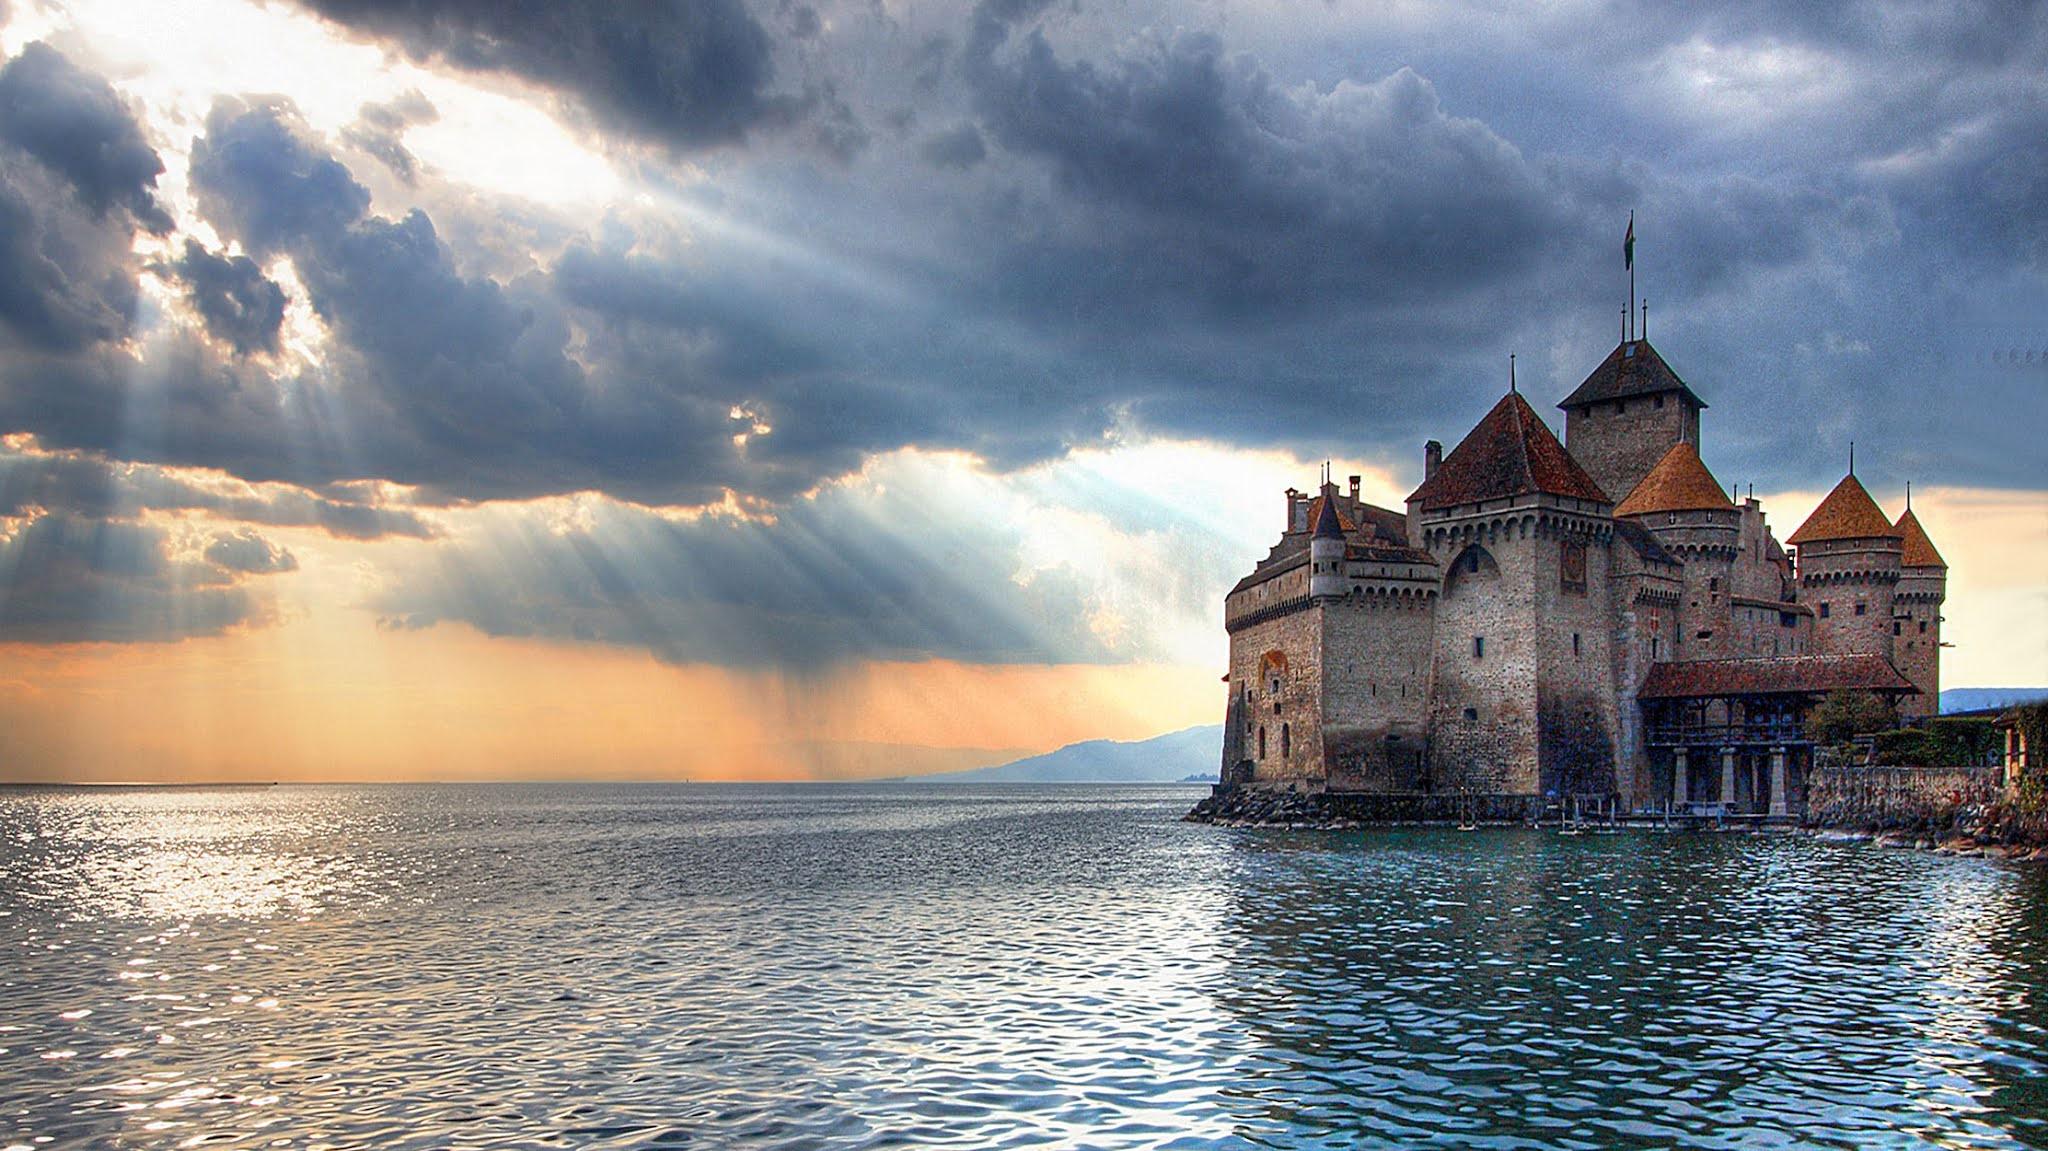 Swiss castle